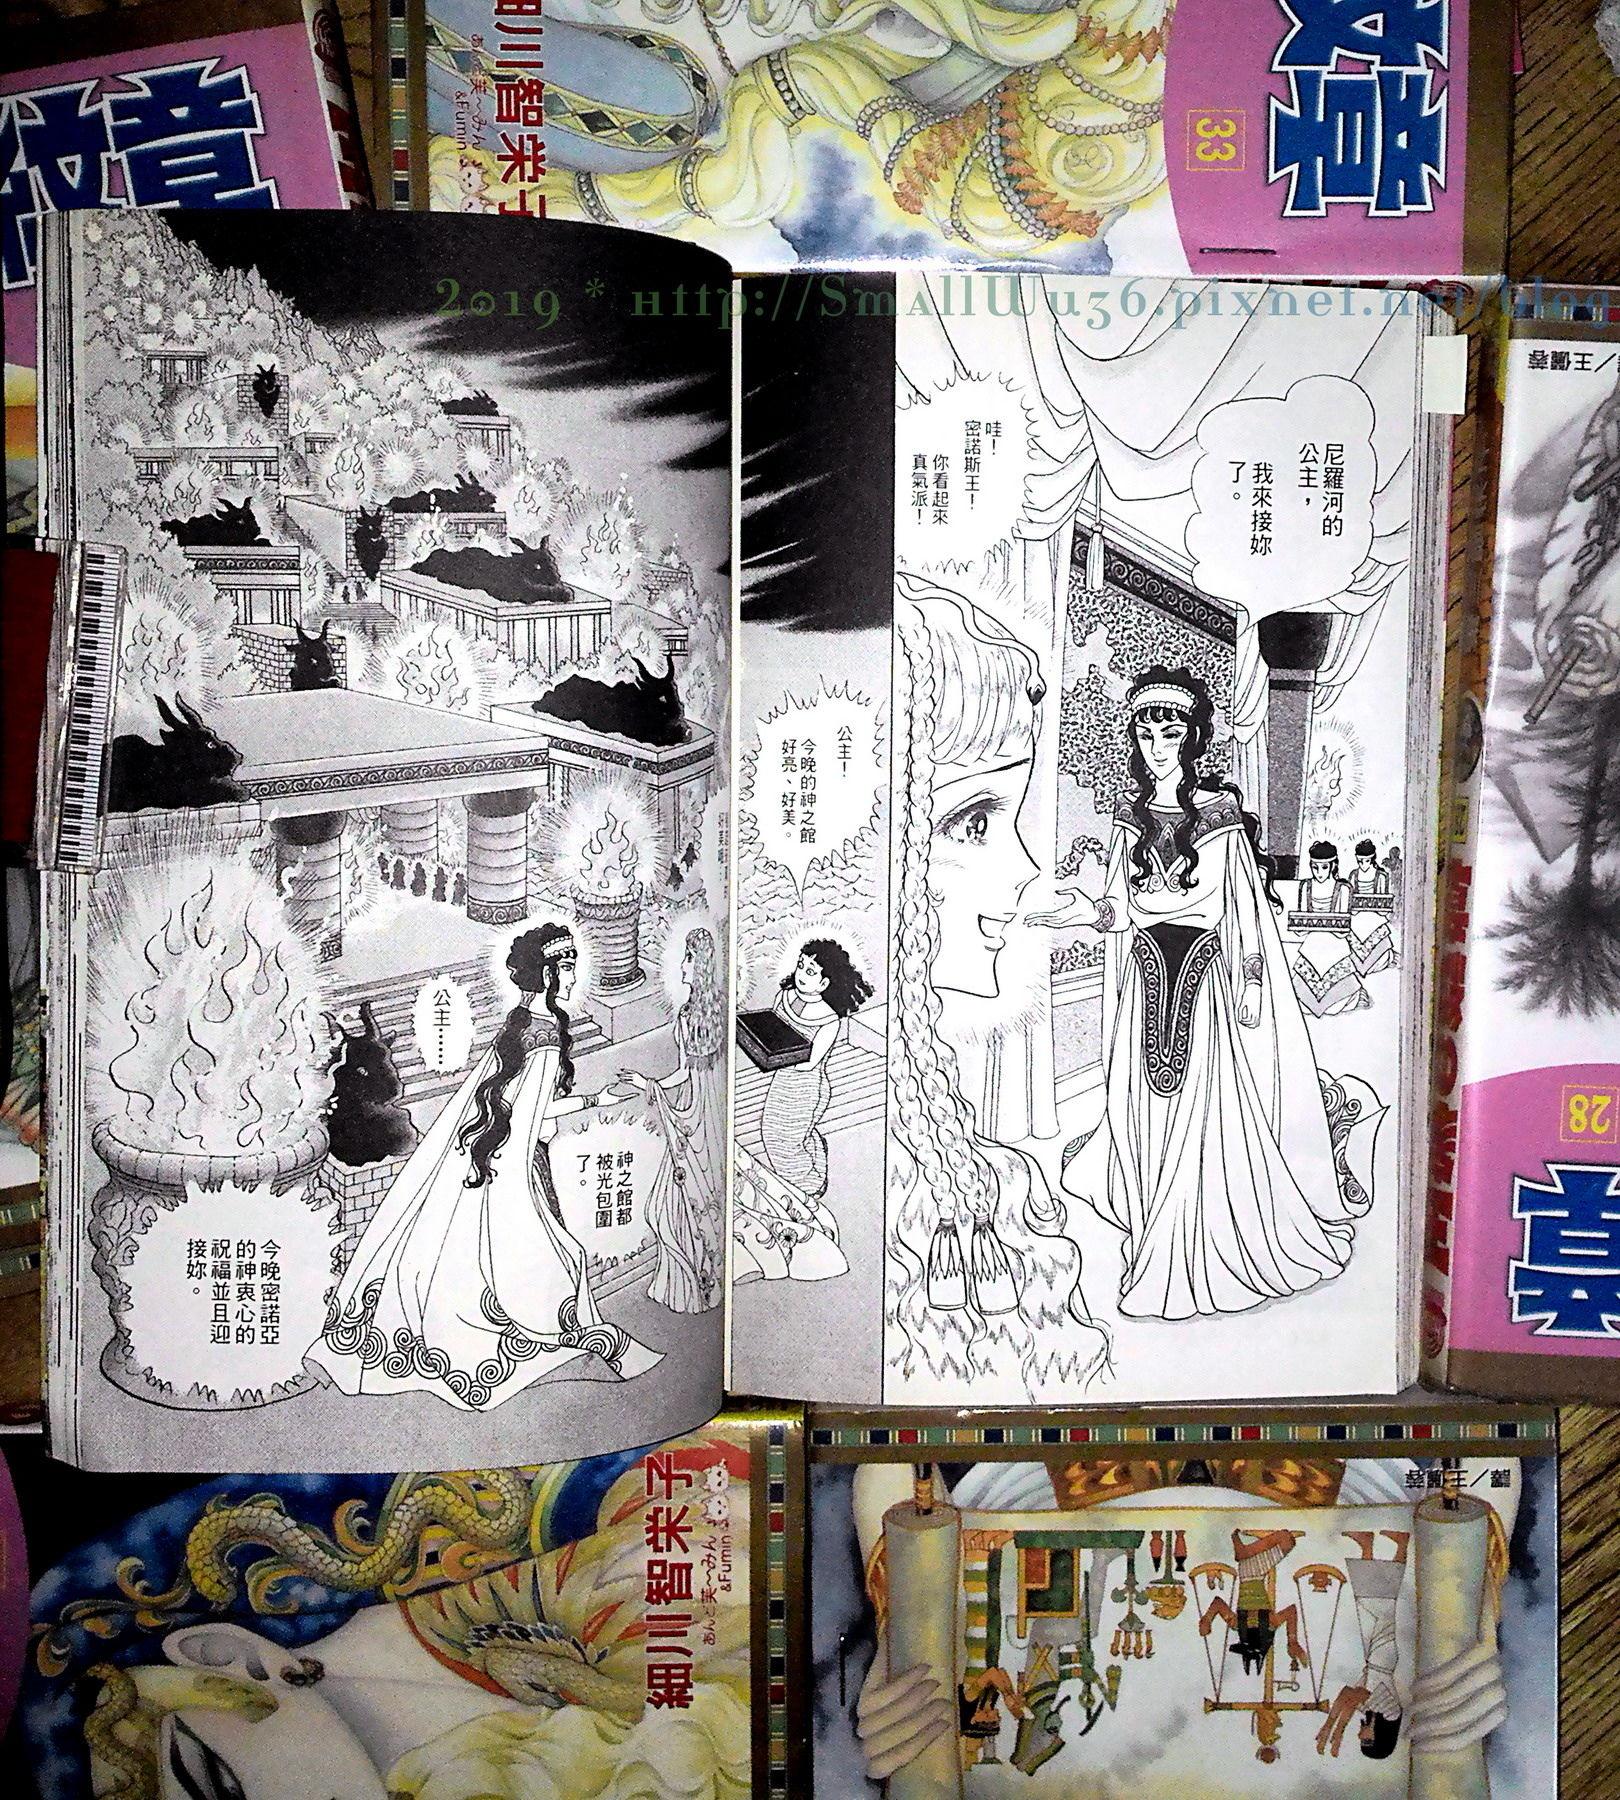 細川智榮子-王家的紋章(尼羅河女兒) 28-35 (長鴻)  vol_35.jpg